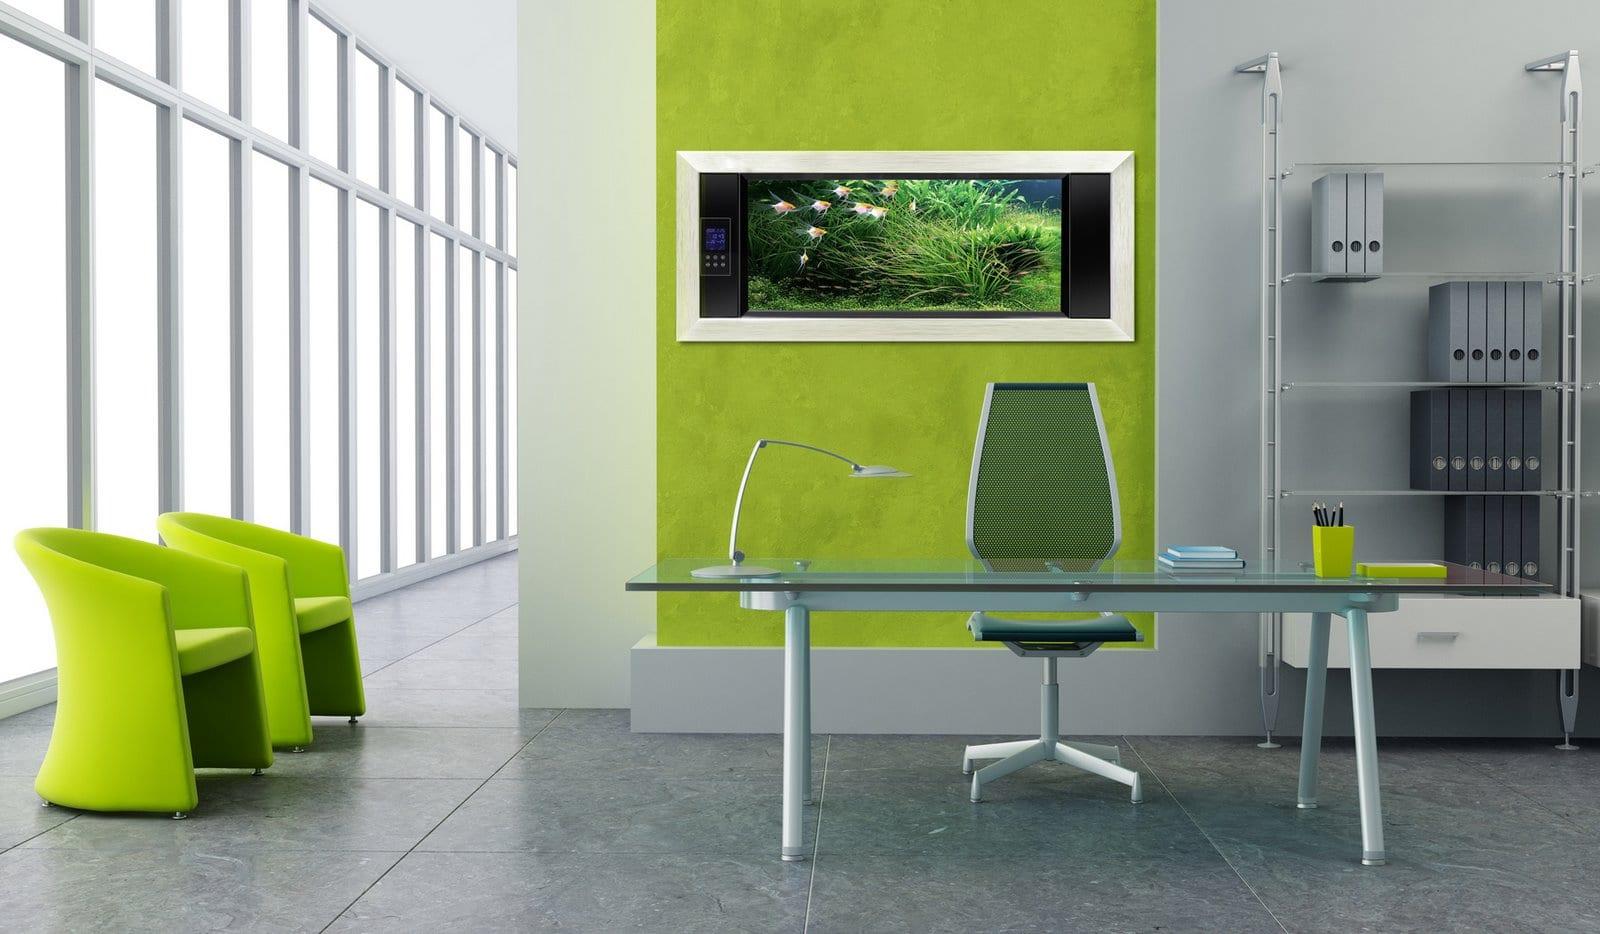 wandfarbe grün-bürosusstattung mit büroregalsystem und büroschreibtisch aus glas-grüne sessel